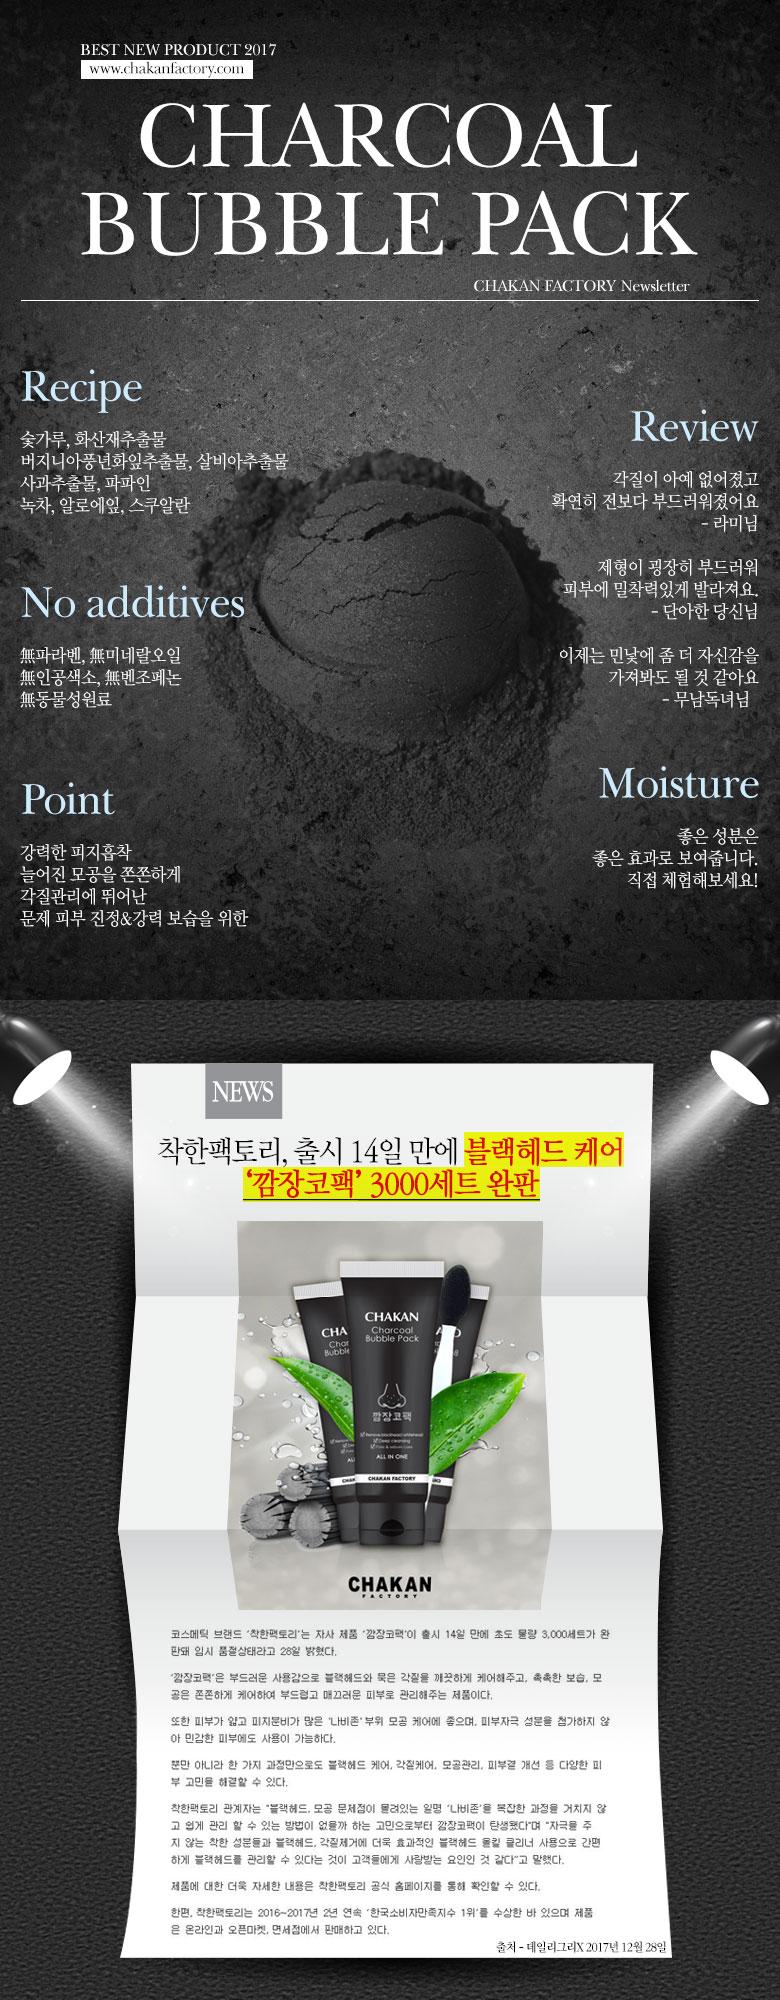 charcoalpack-1-1.jpg-1-.jpg